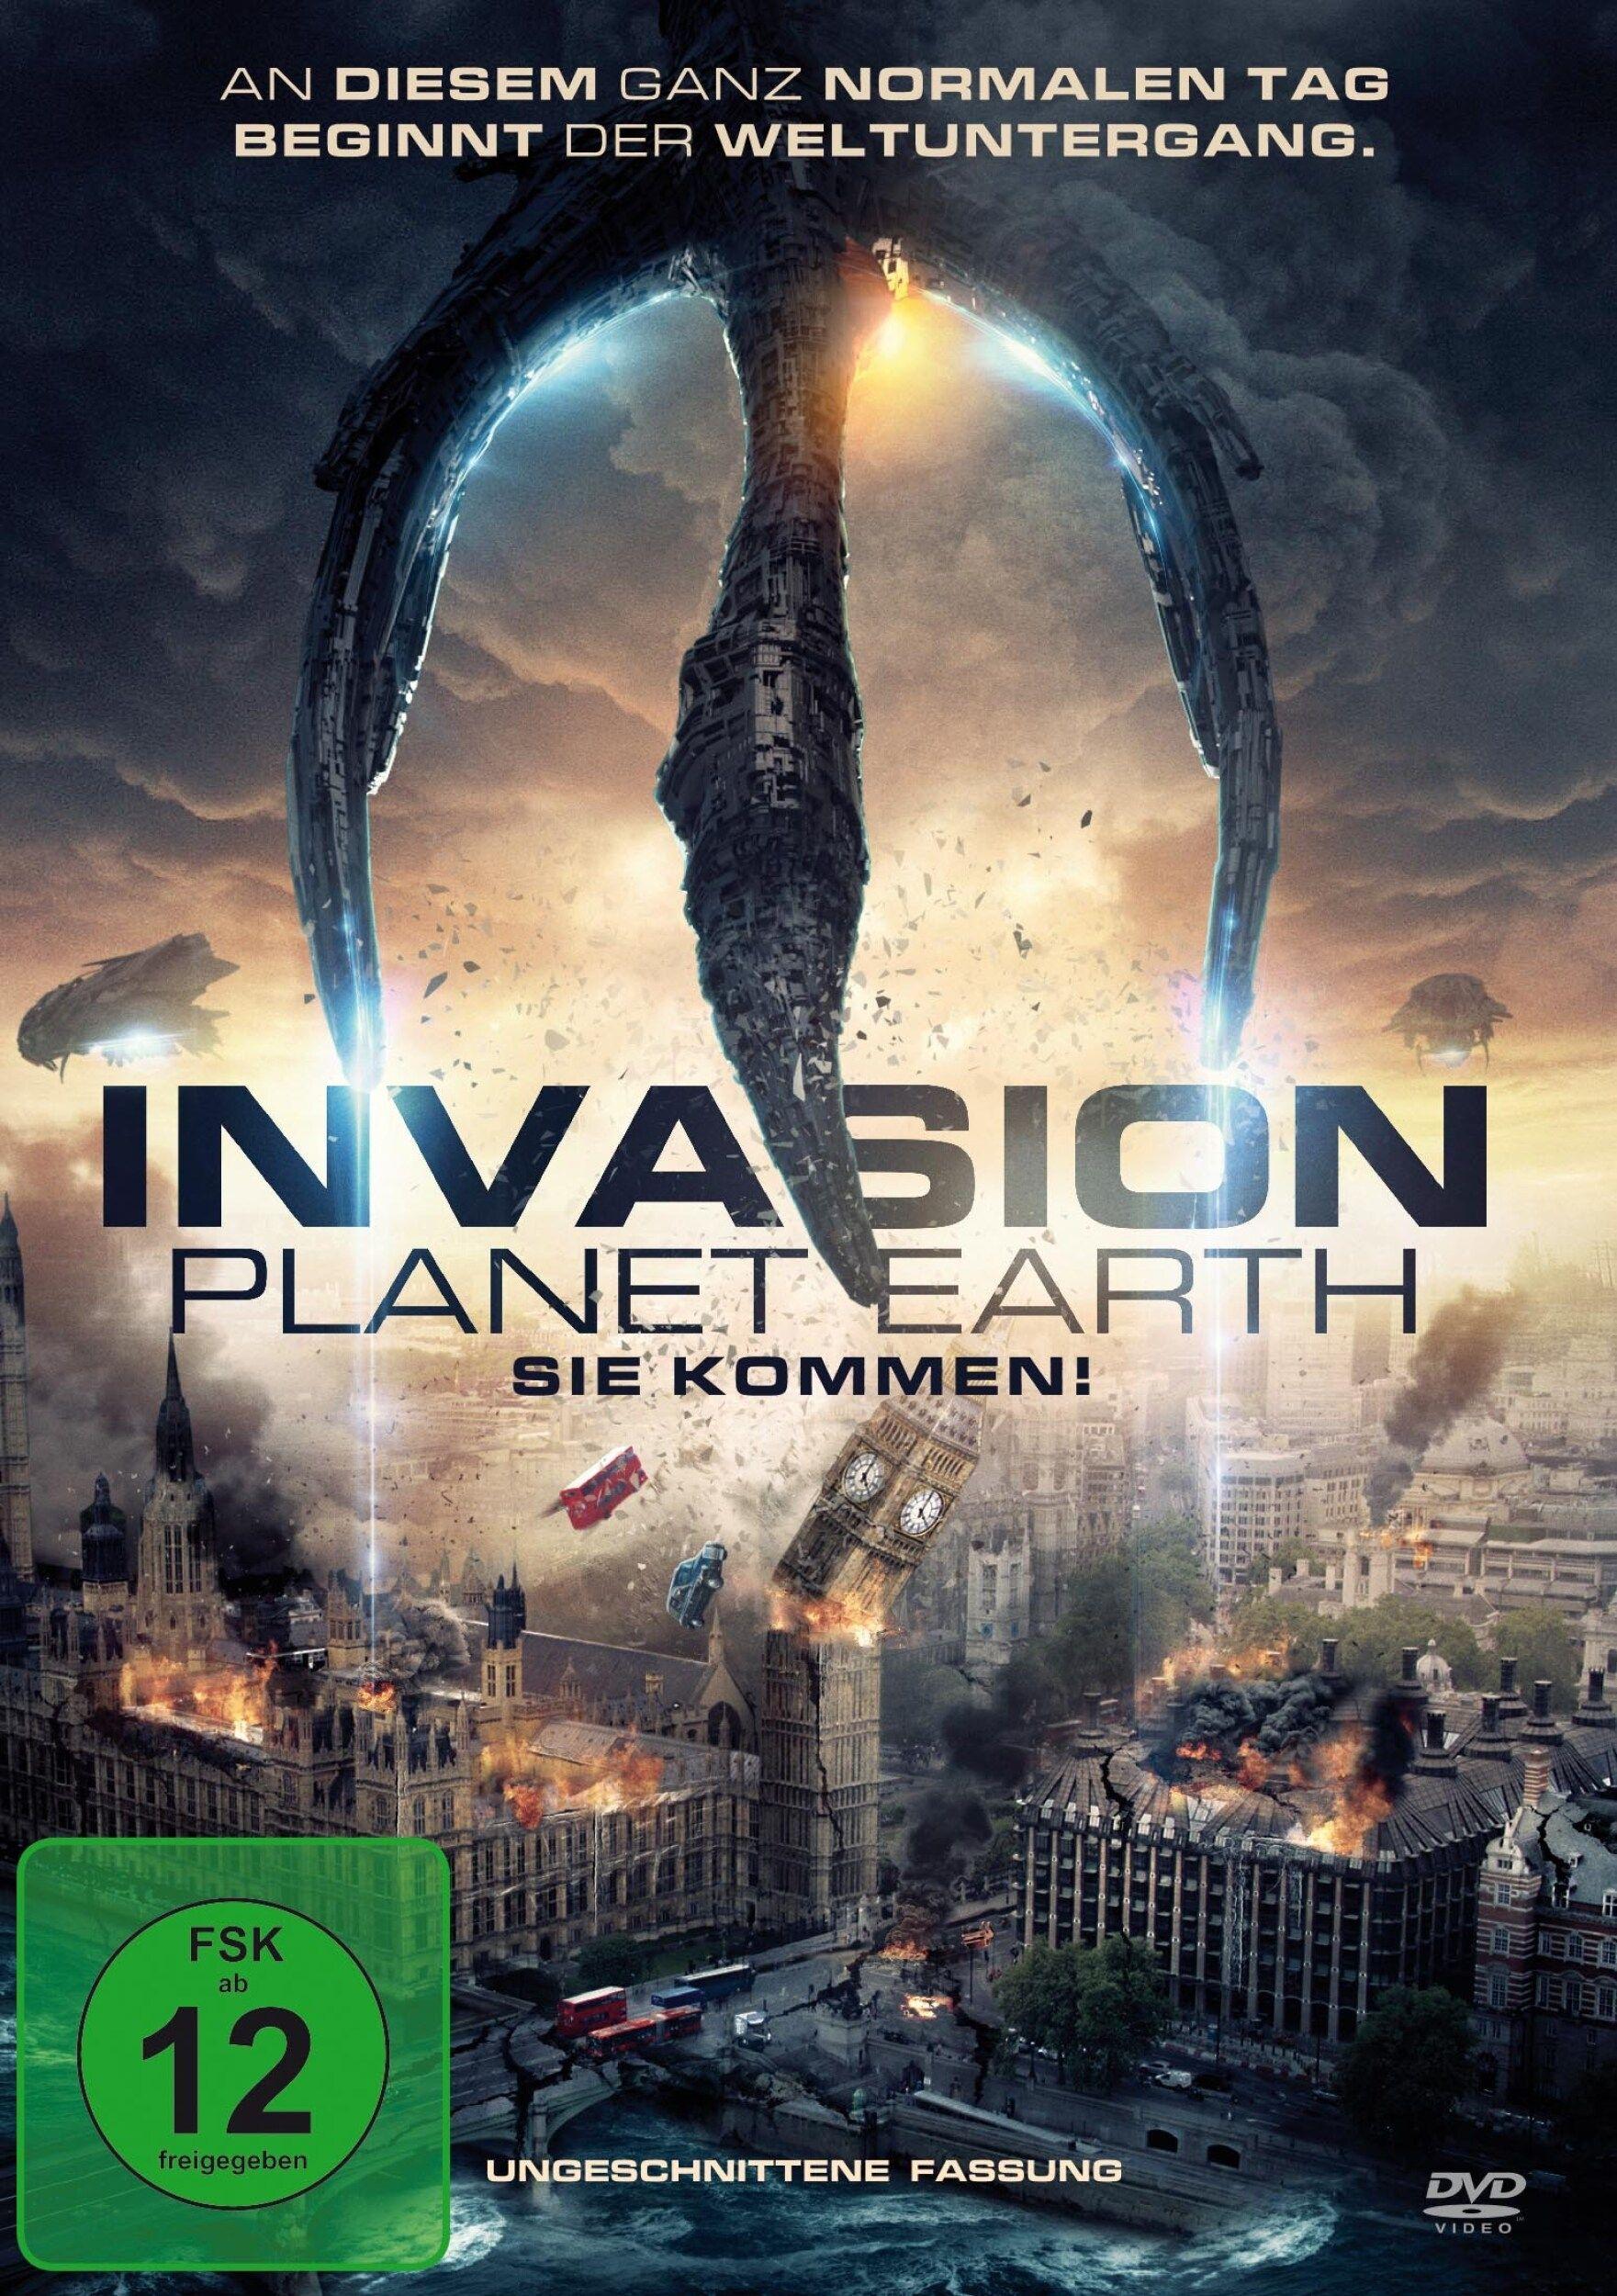 Invasion Planet Earth - Sie kommen!